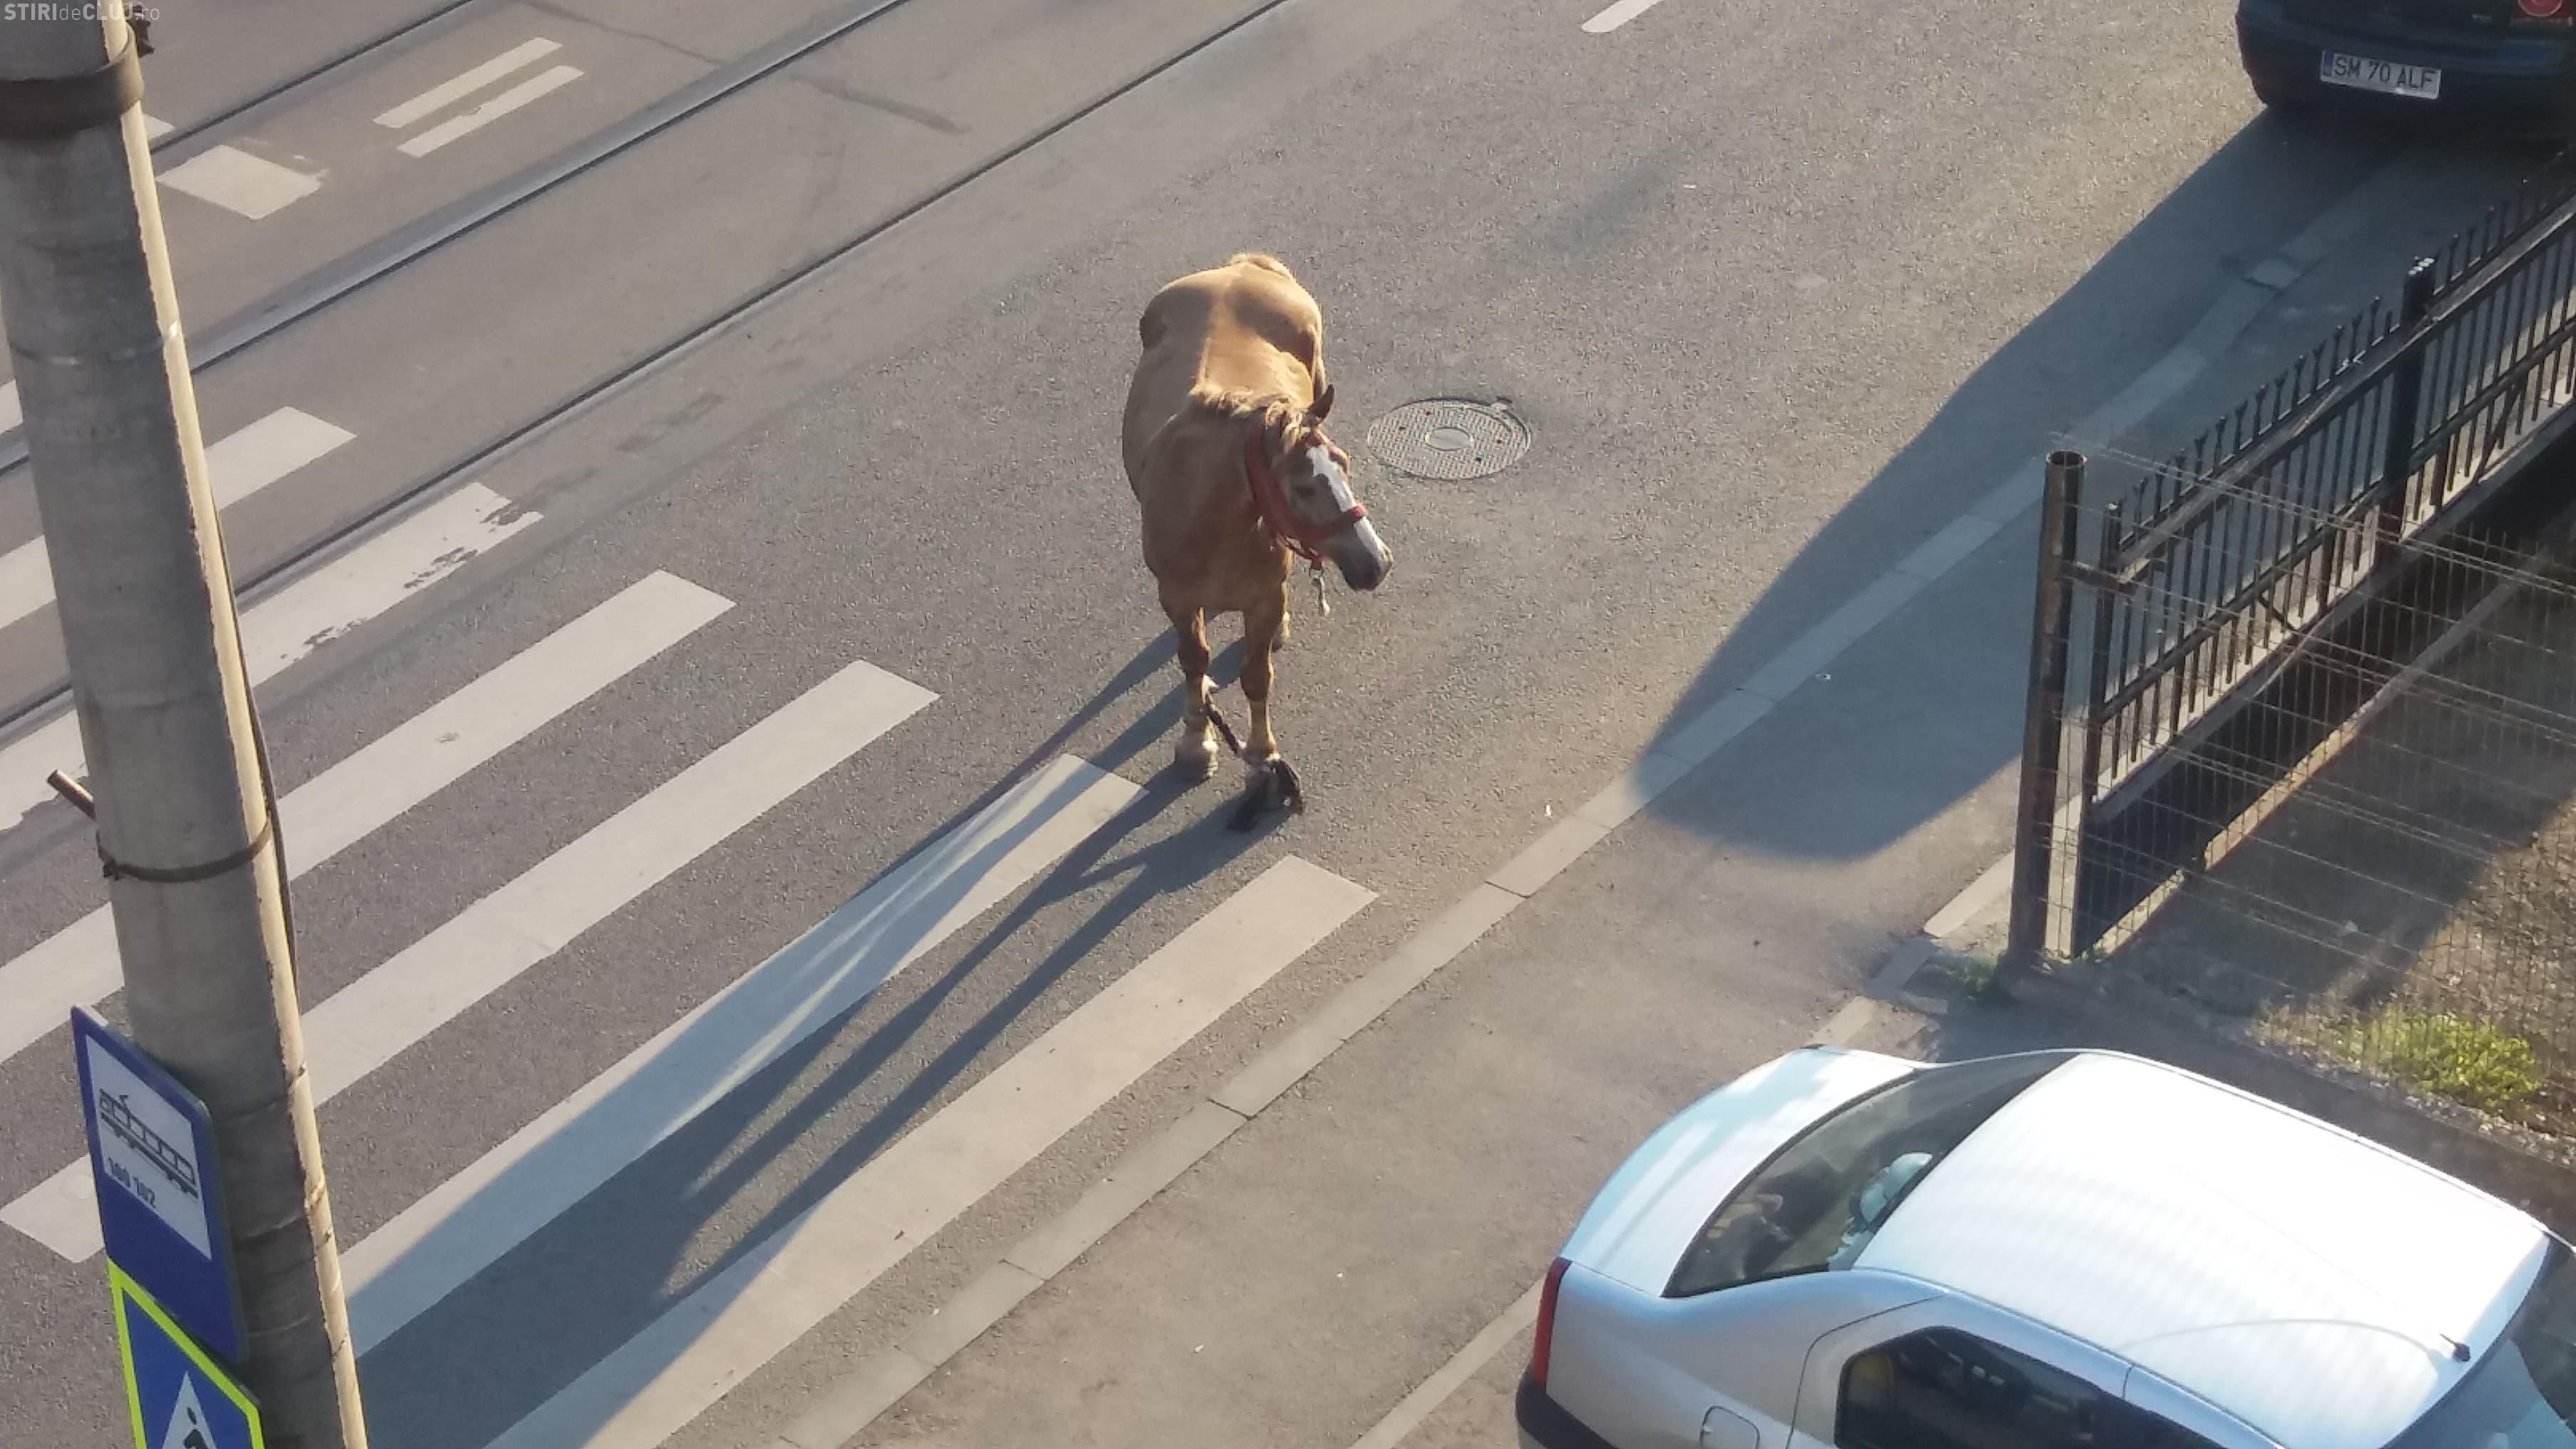 Cal liber pe Bulevardul Muncii. Animalul se plimba pe stradă - FOTO